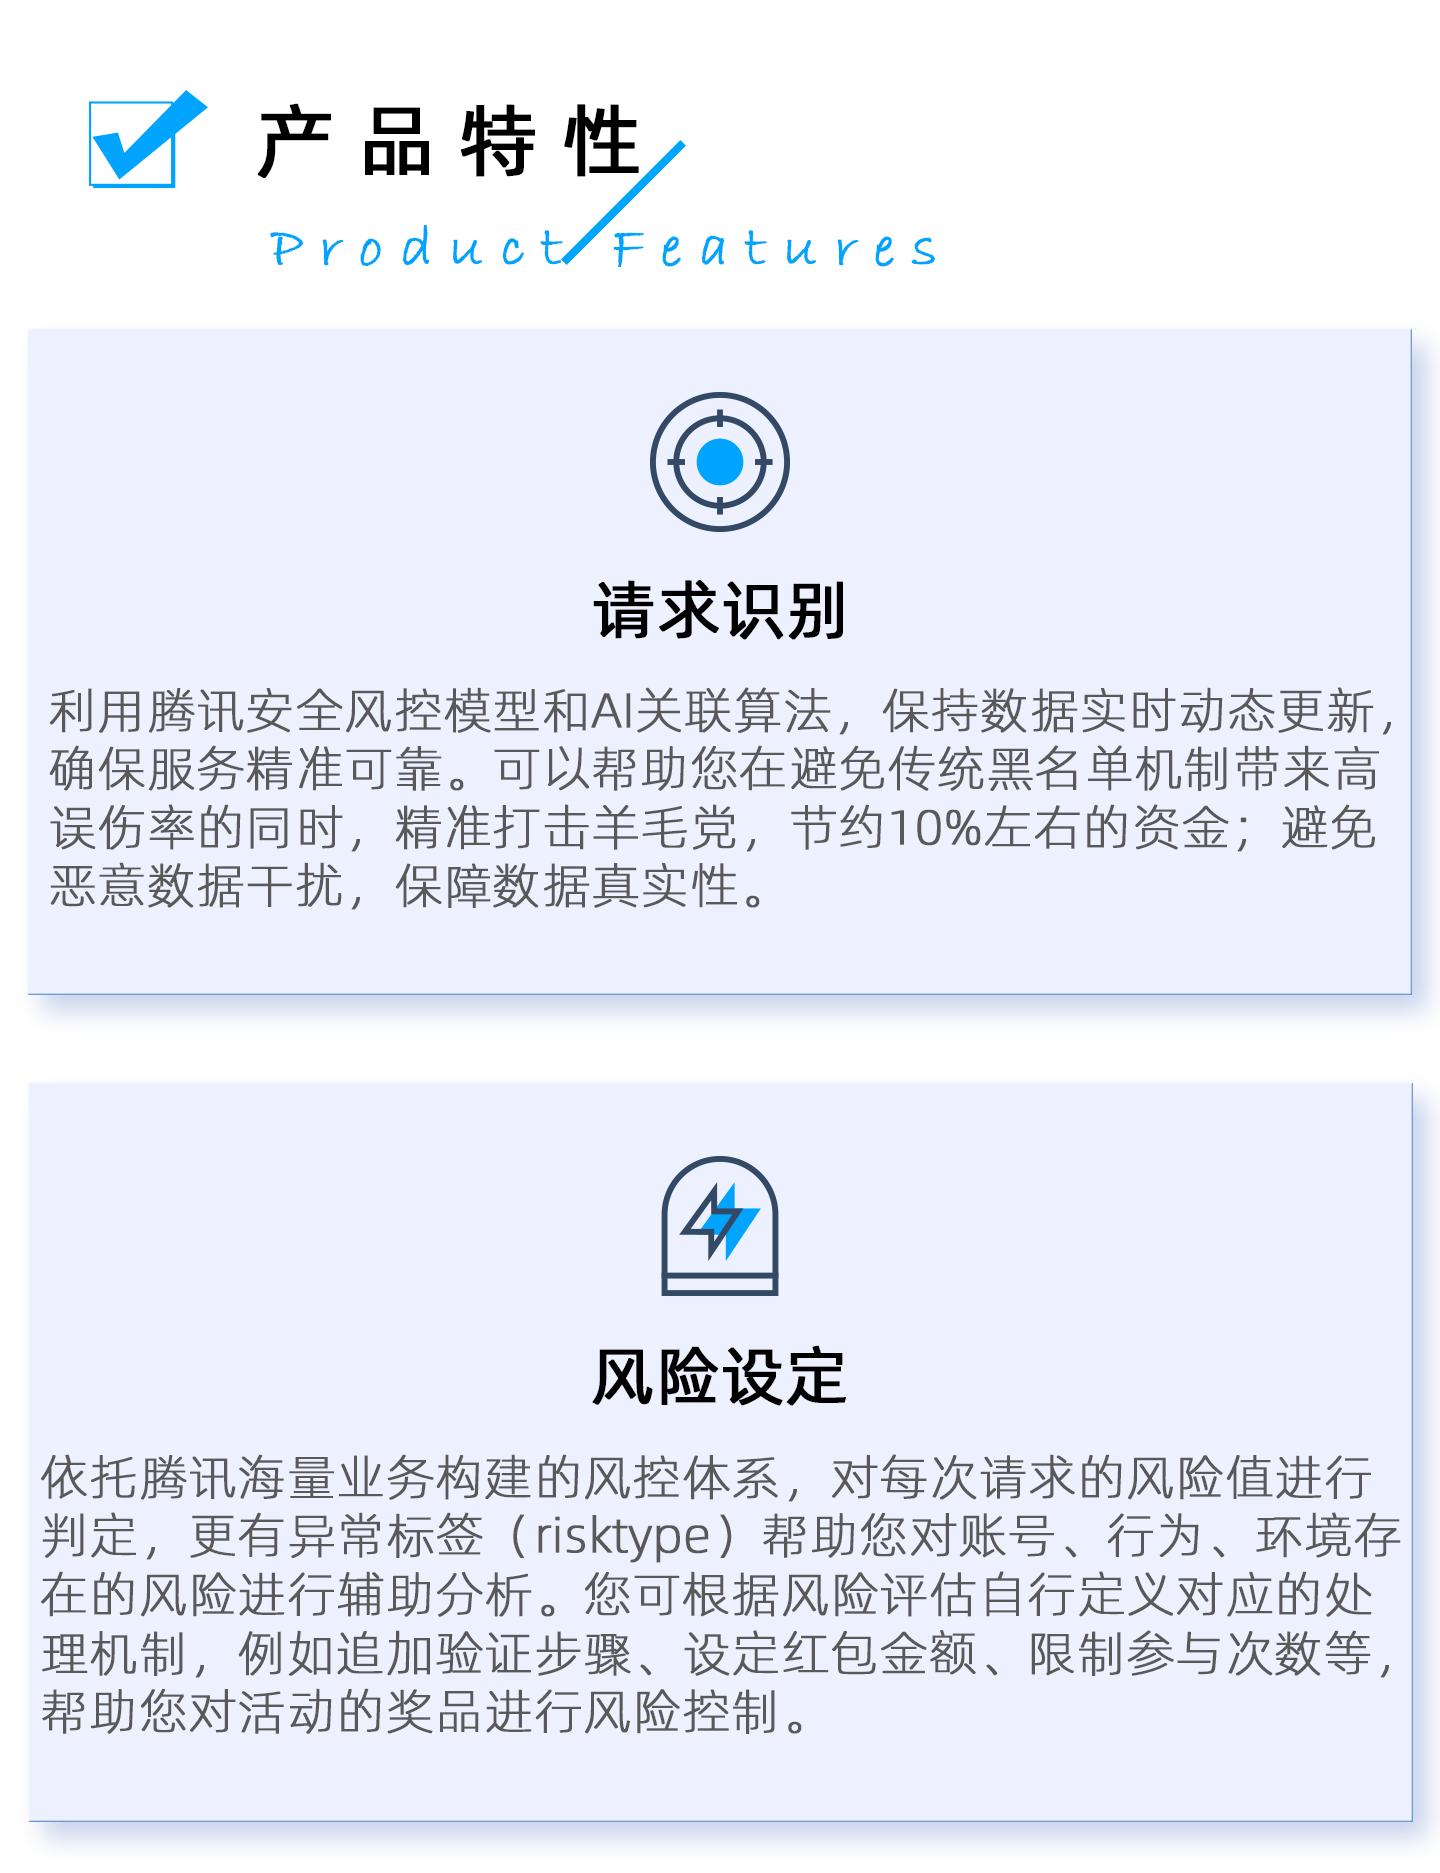 营销风控1440_02.jpg